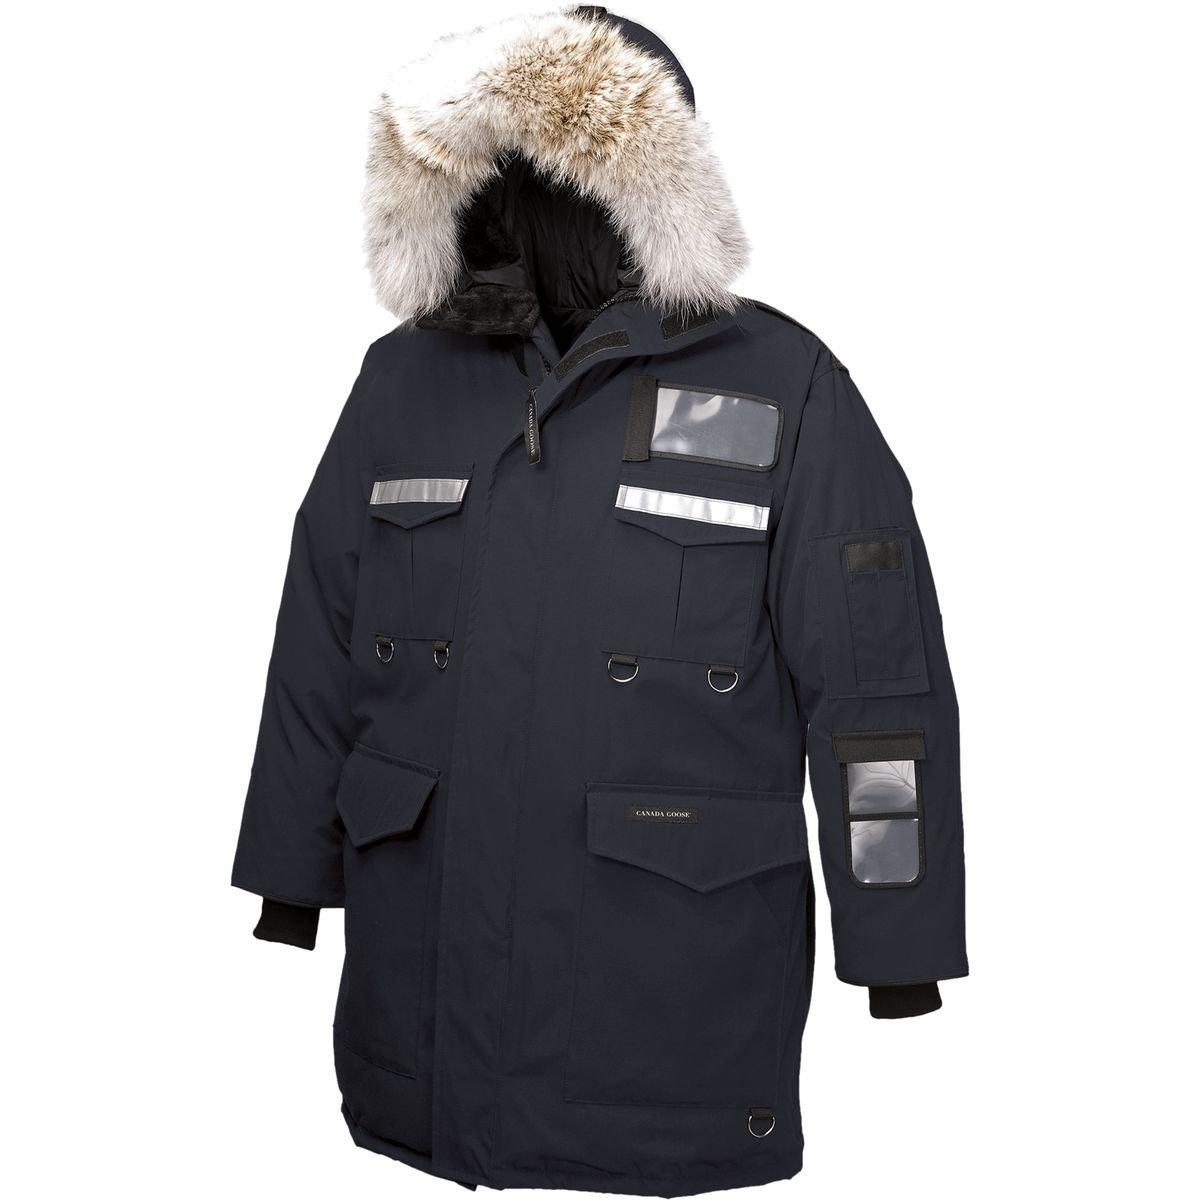 e723ff46 discount code for canada goose expedition parka priser xl 6e6bc b79af